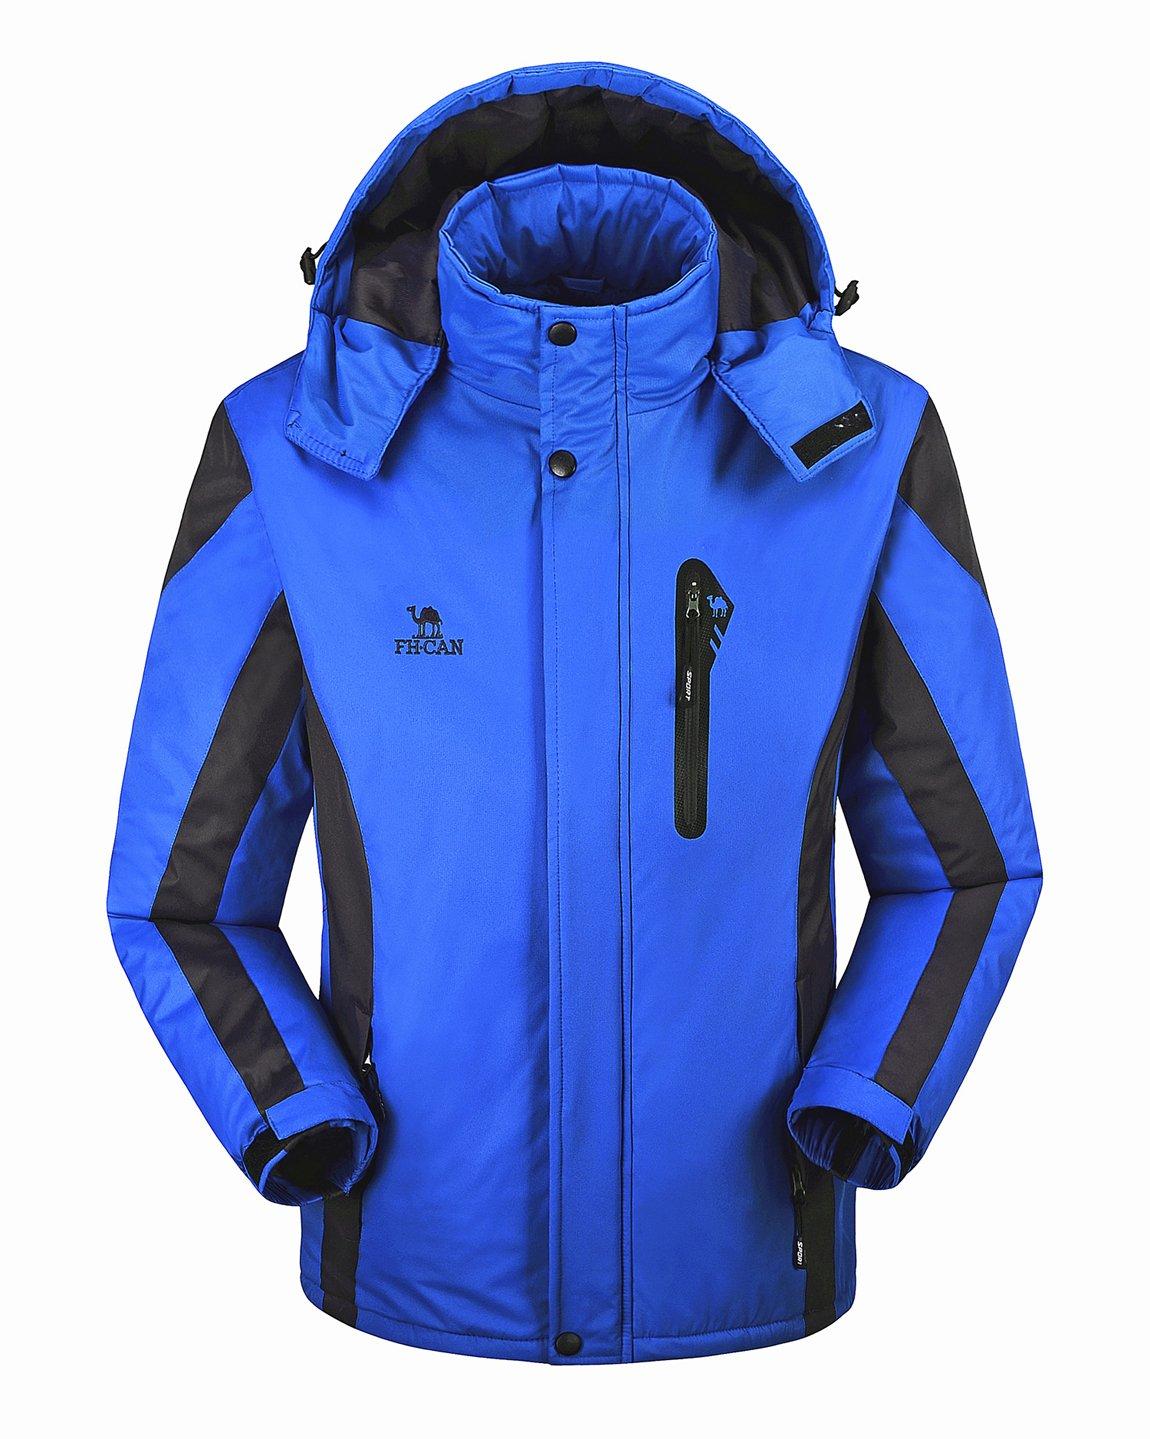 No.66 Town Men's Women's Watertight Windproof Ski Hooded Fleece Jacket Coat caifu